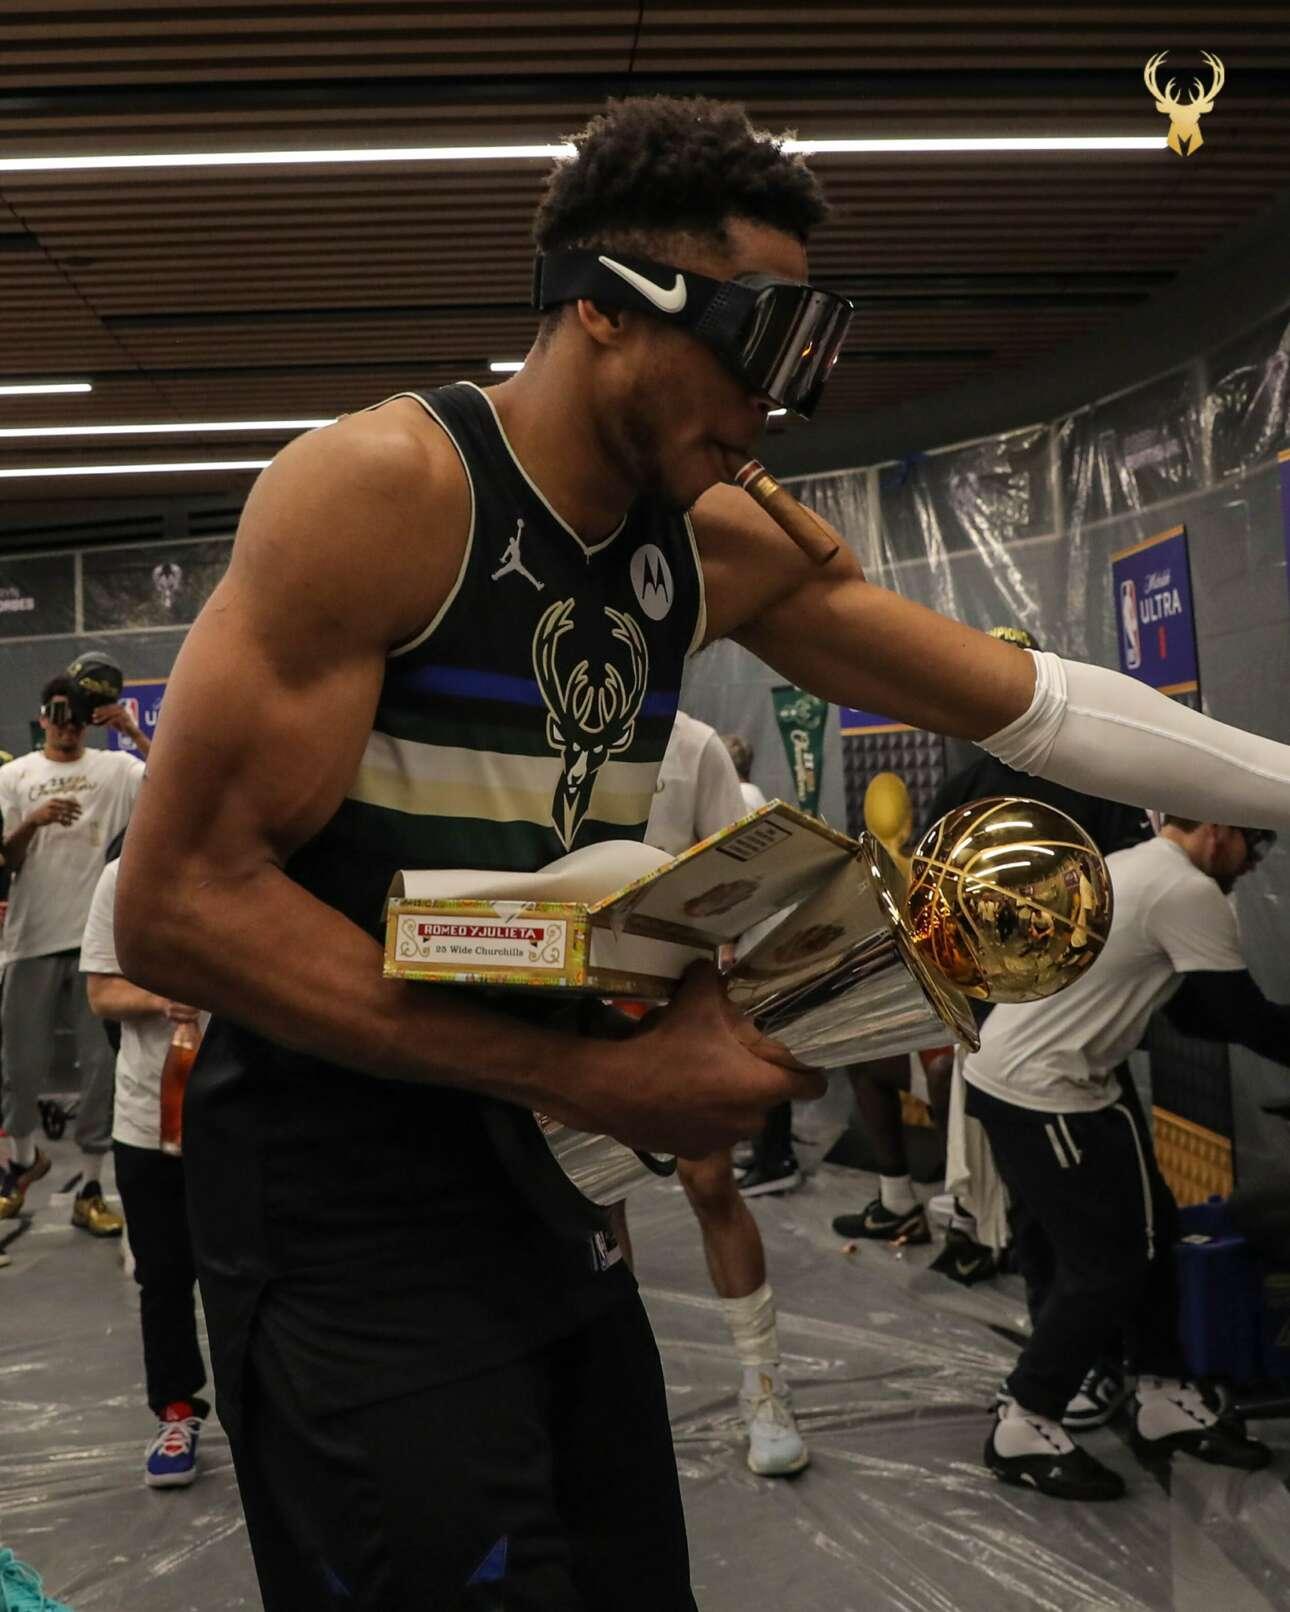 Με το τρόπαιο του MVP και ένα κουβανέζικο πούρο Romeo y Julieta, ο Αντετοκούνμπο το γλεντάει μετά τον τελικό